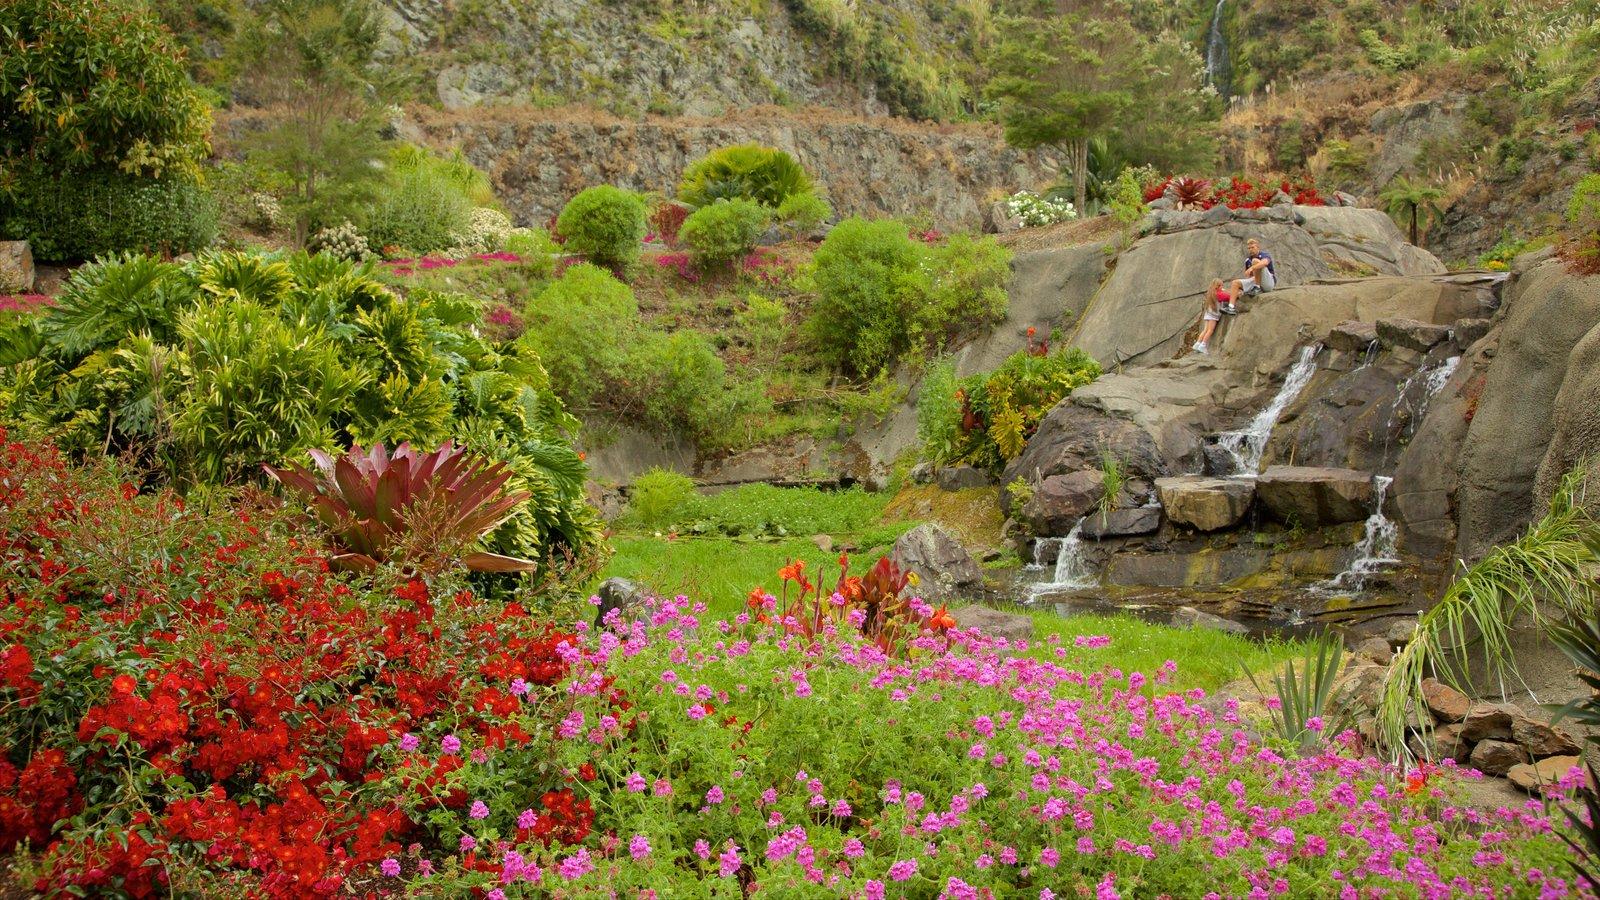 Whangarei Quarry Gardens which includes a park and a cascade